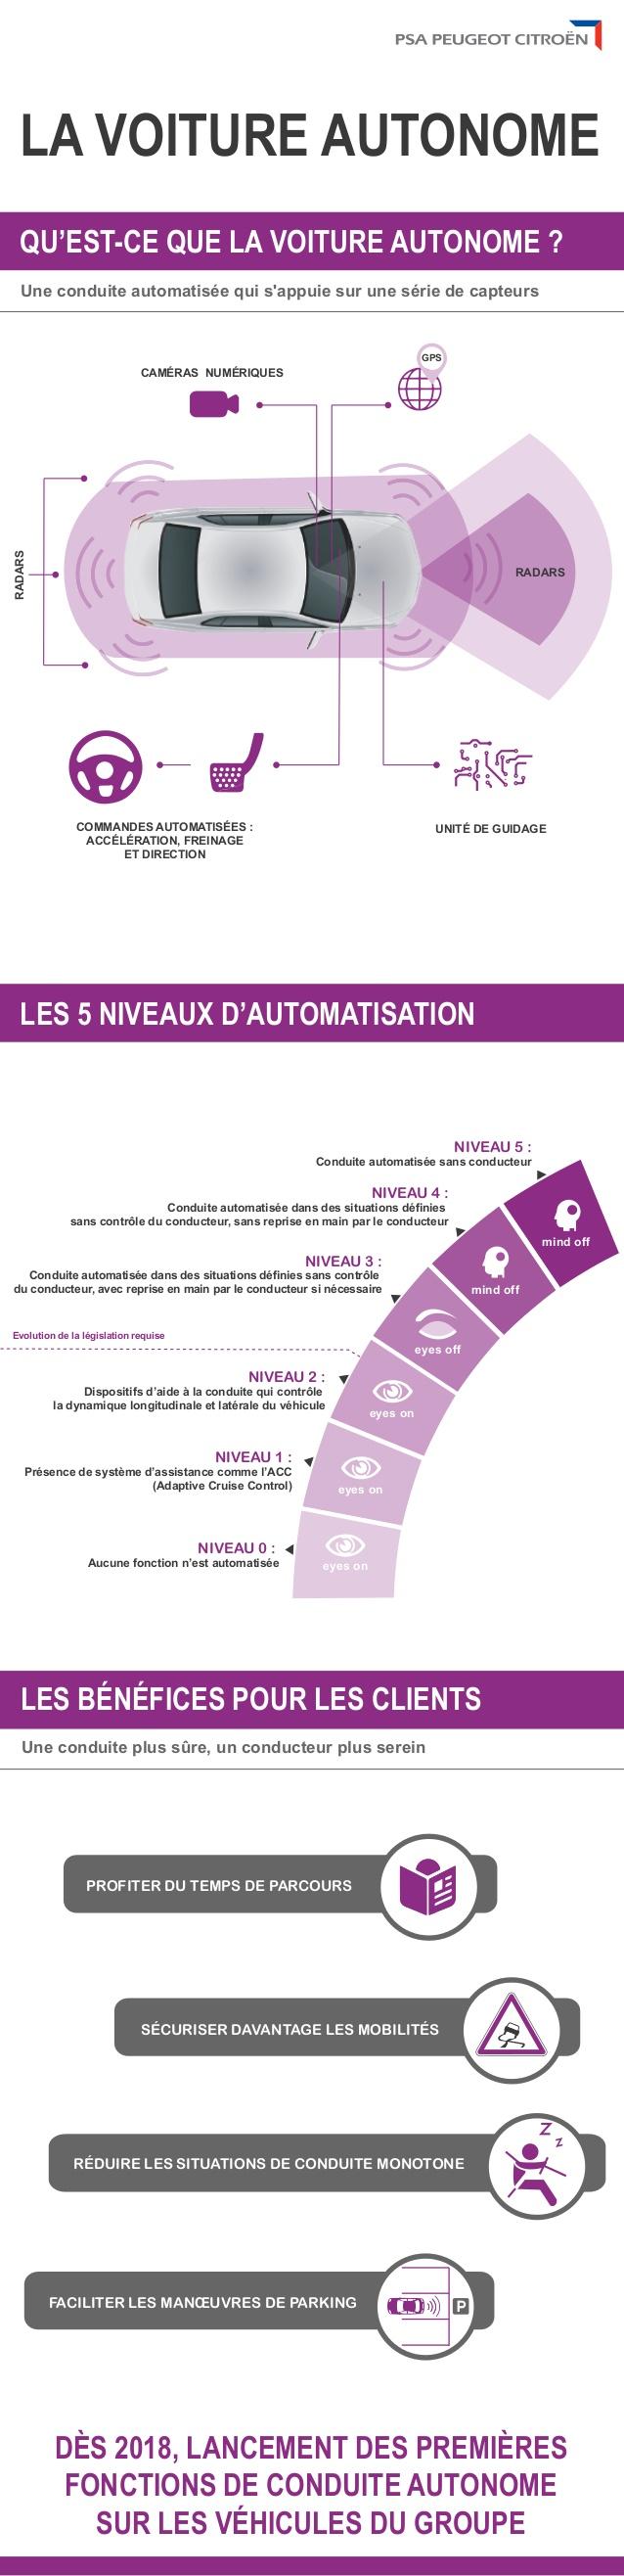 infographie voiture autonome PSA Peugeot Citroen